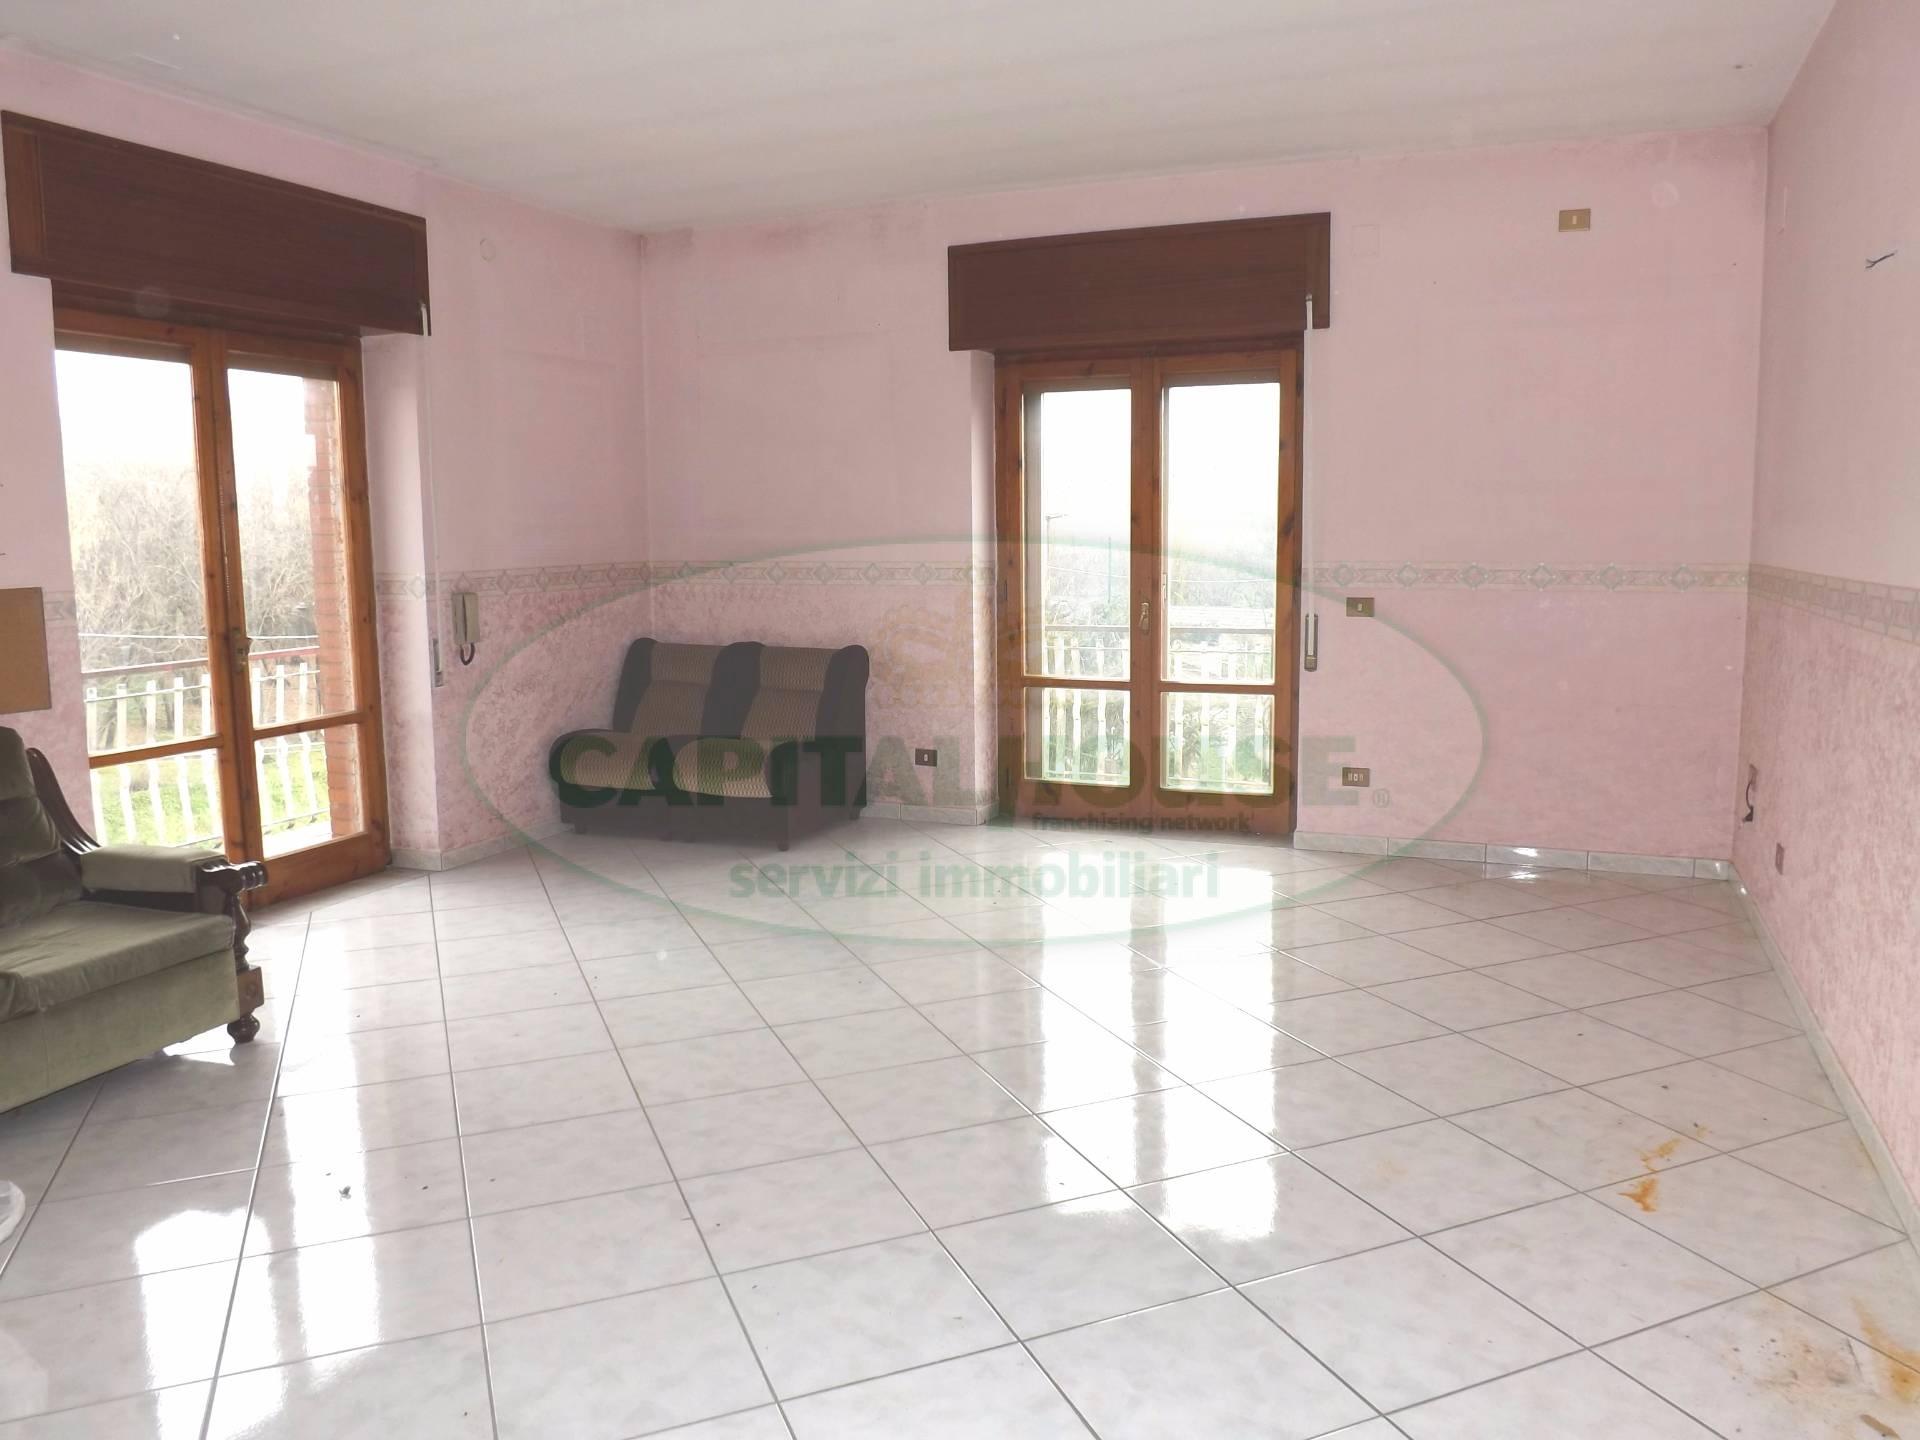 Appartamento in vendita a Cesinali, 4 locali, prezzo € 95.000 | Cambio Casa.it